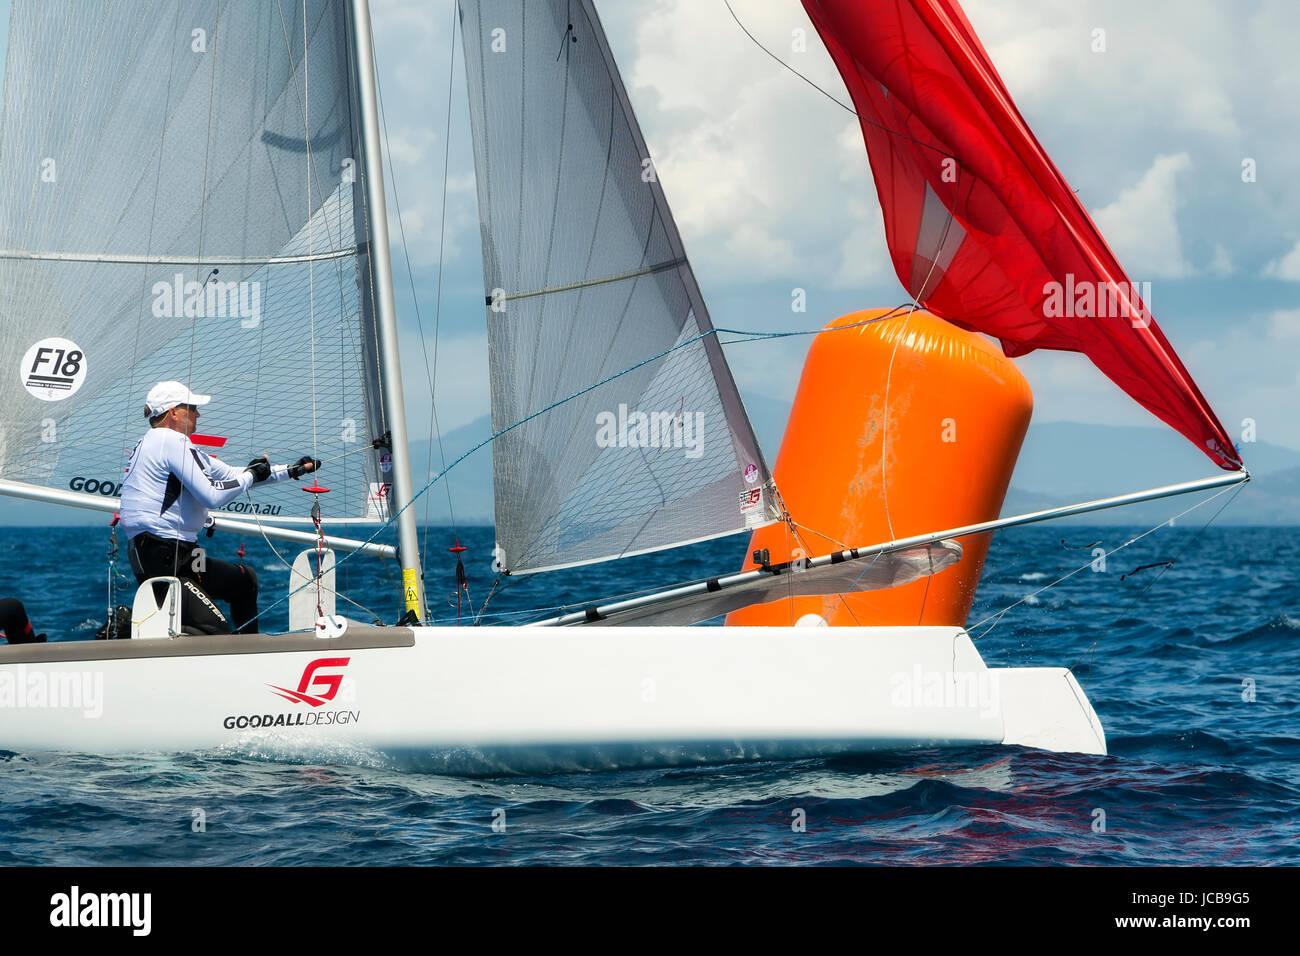 PUNTA ALA - 3 juin: athlète de la voile sur le catamaran Formule 18 régate nationale, le 3 juin Photo Stock